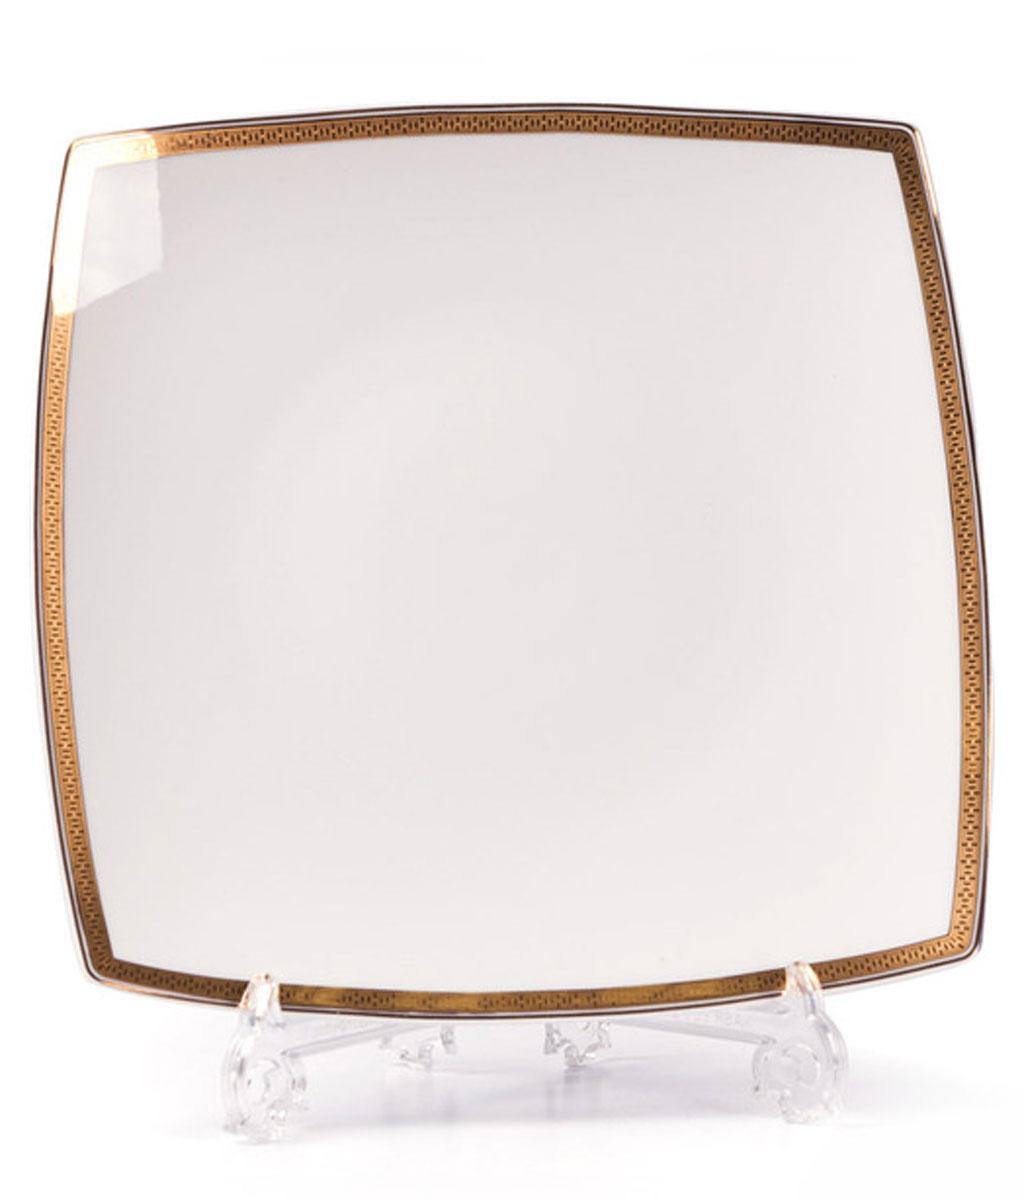 Kyoto 1555 набор тарелок для десерта, 6 шт/уп, цвет: белый с золотом719101 1555В наборе тарелка 22 см 6 штук